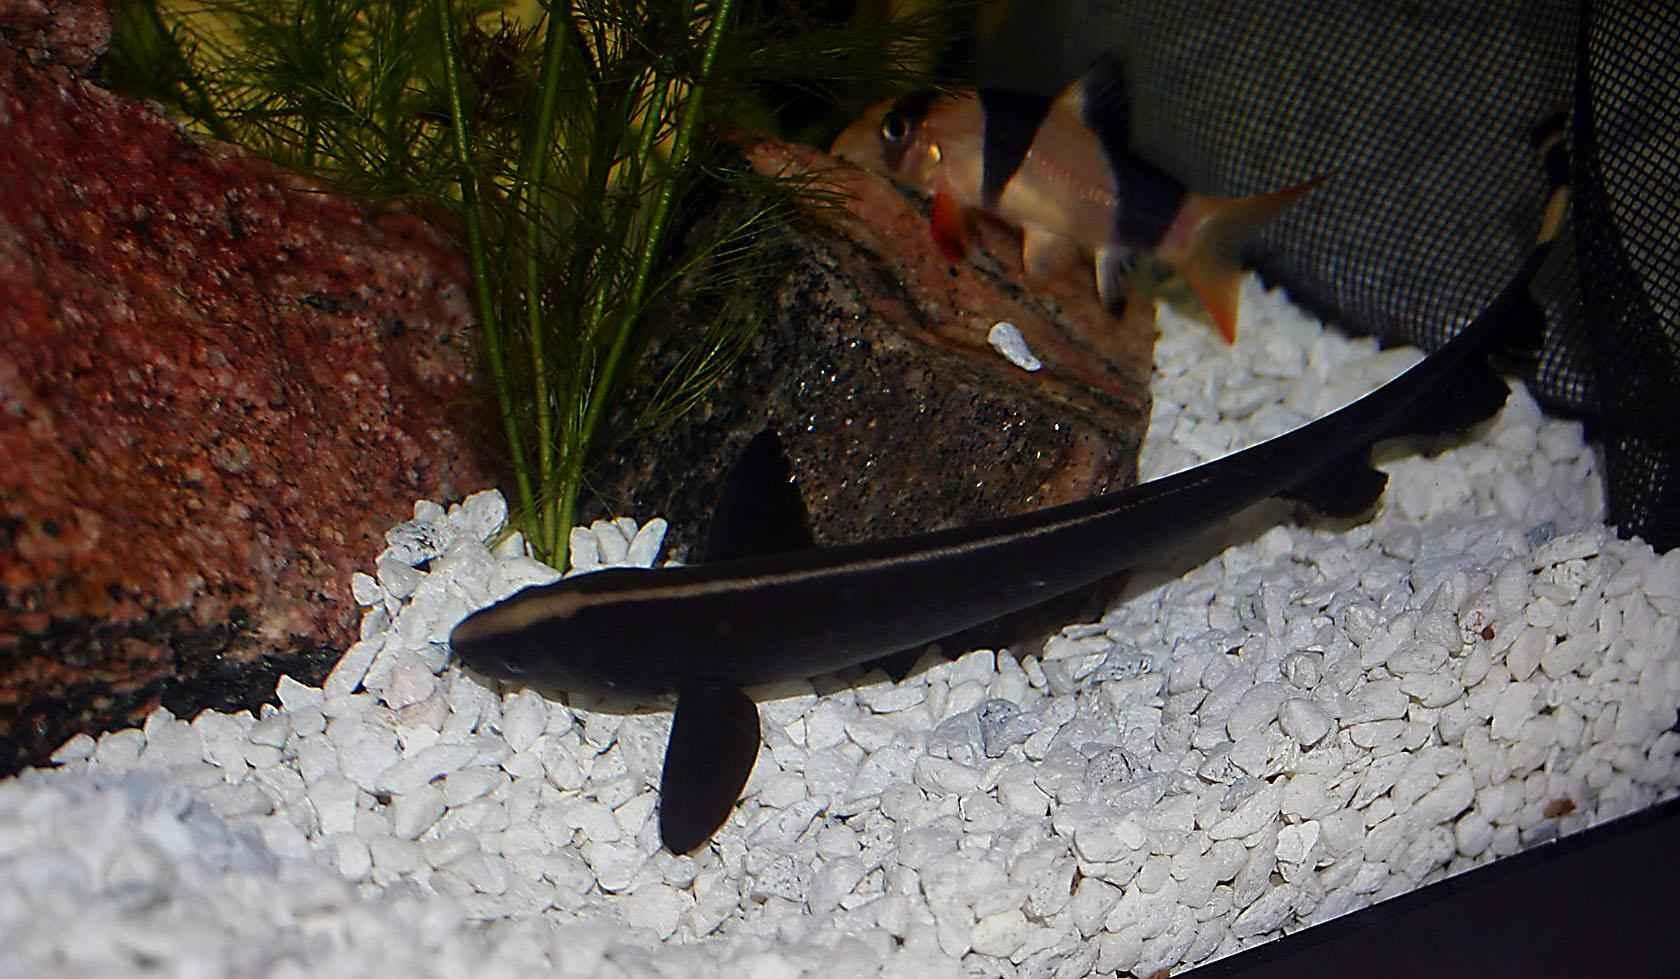 تصاویر ماهی بلک گوست (روح سیاه)